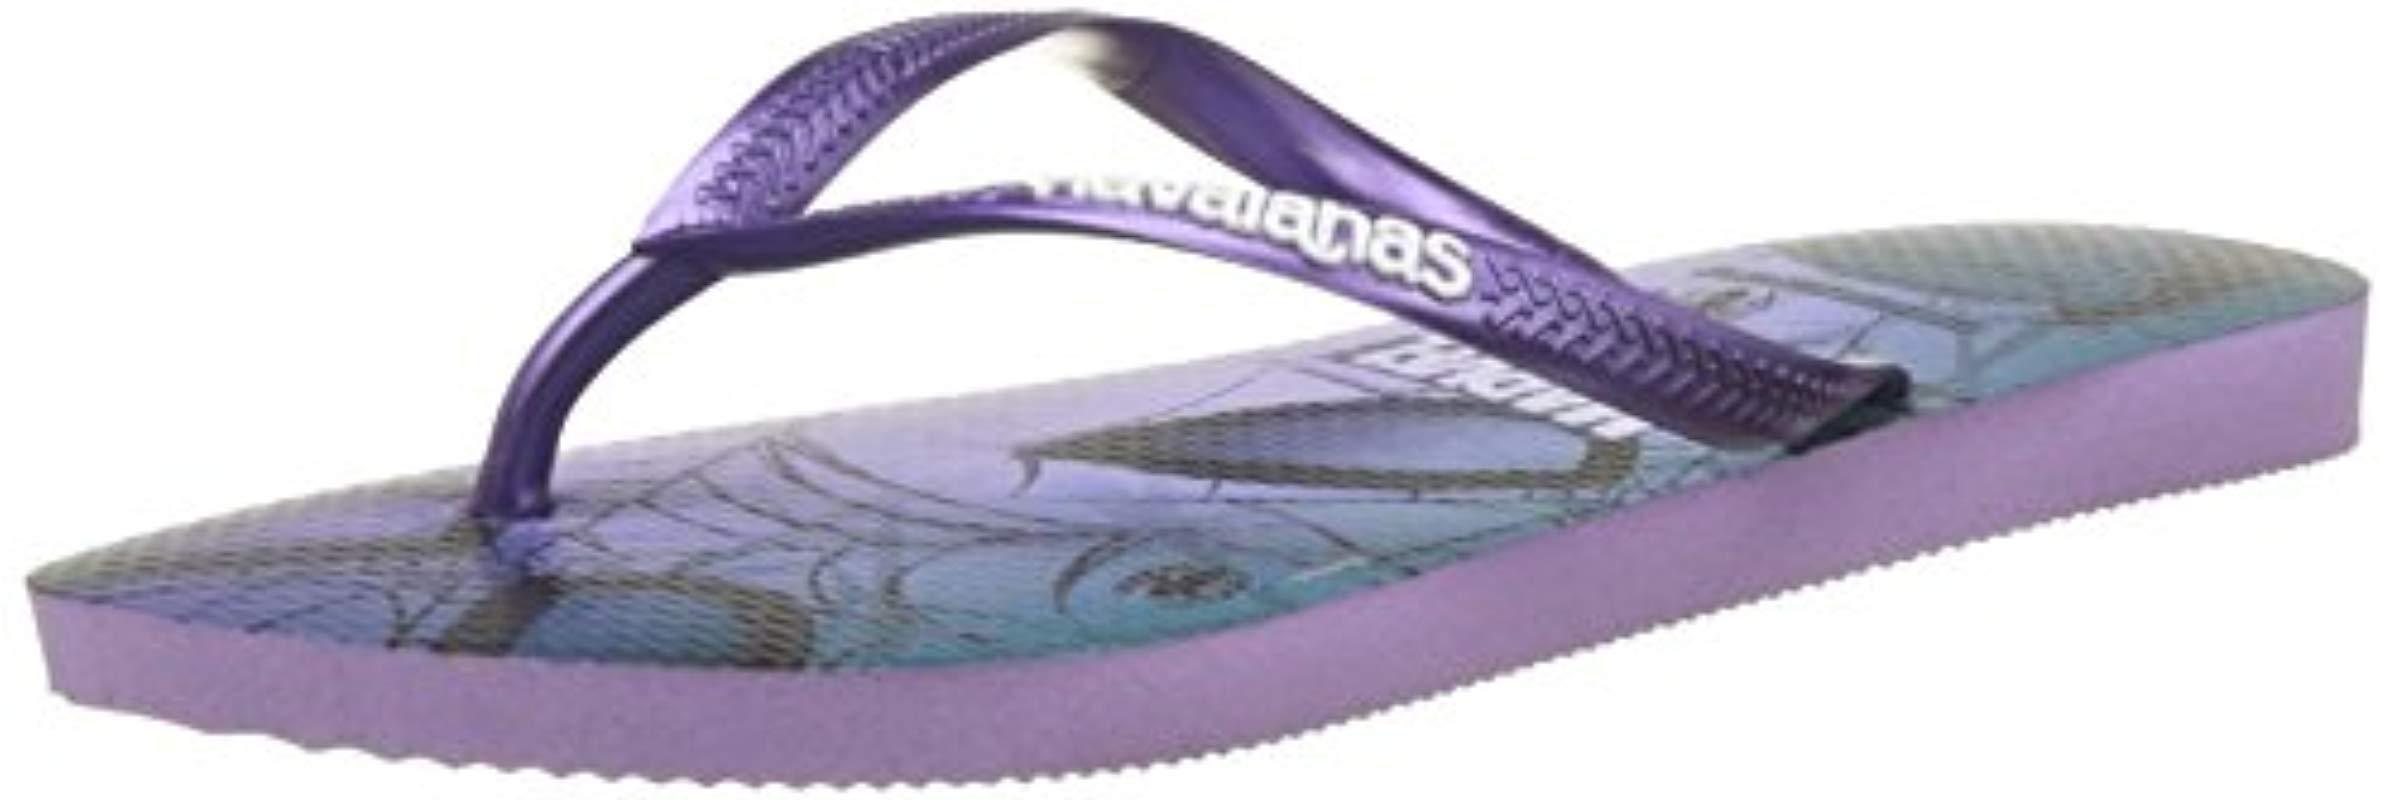 2818b538b6de Havaianas Slim Spider-man Flip Flops in Purple - Save 57% - Lyst